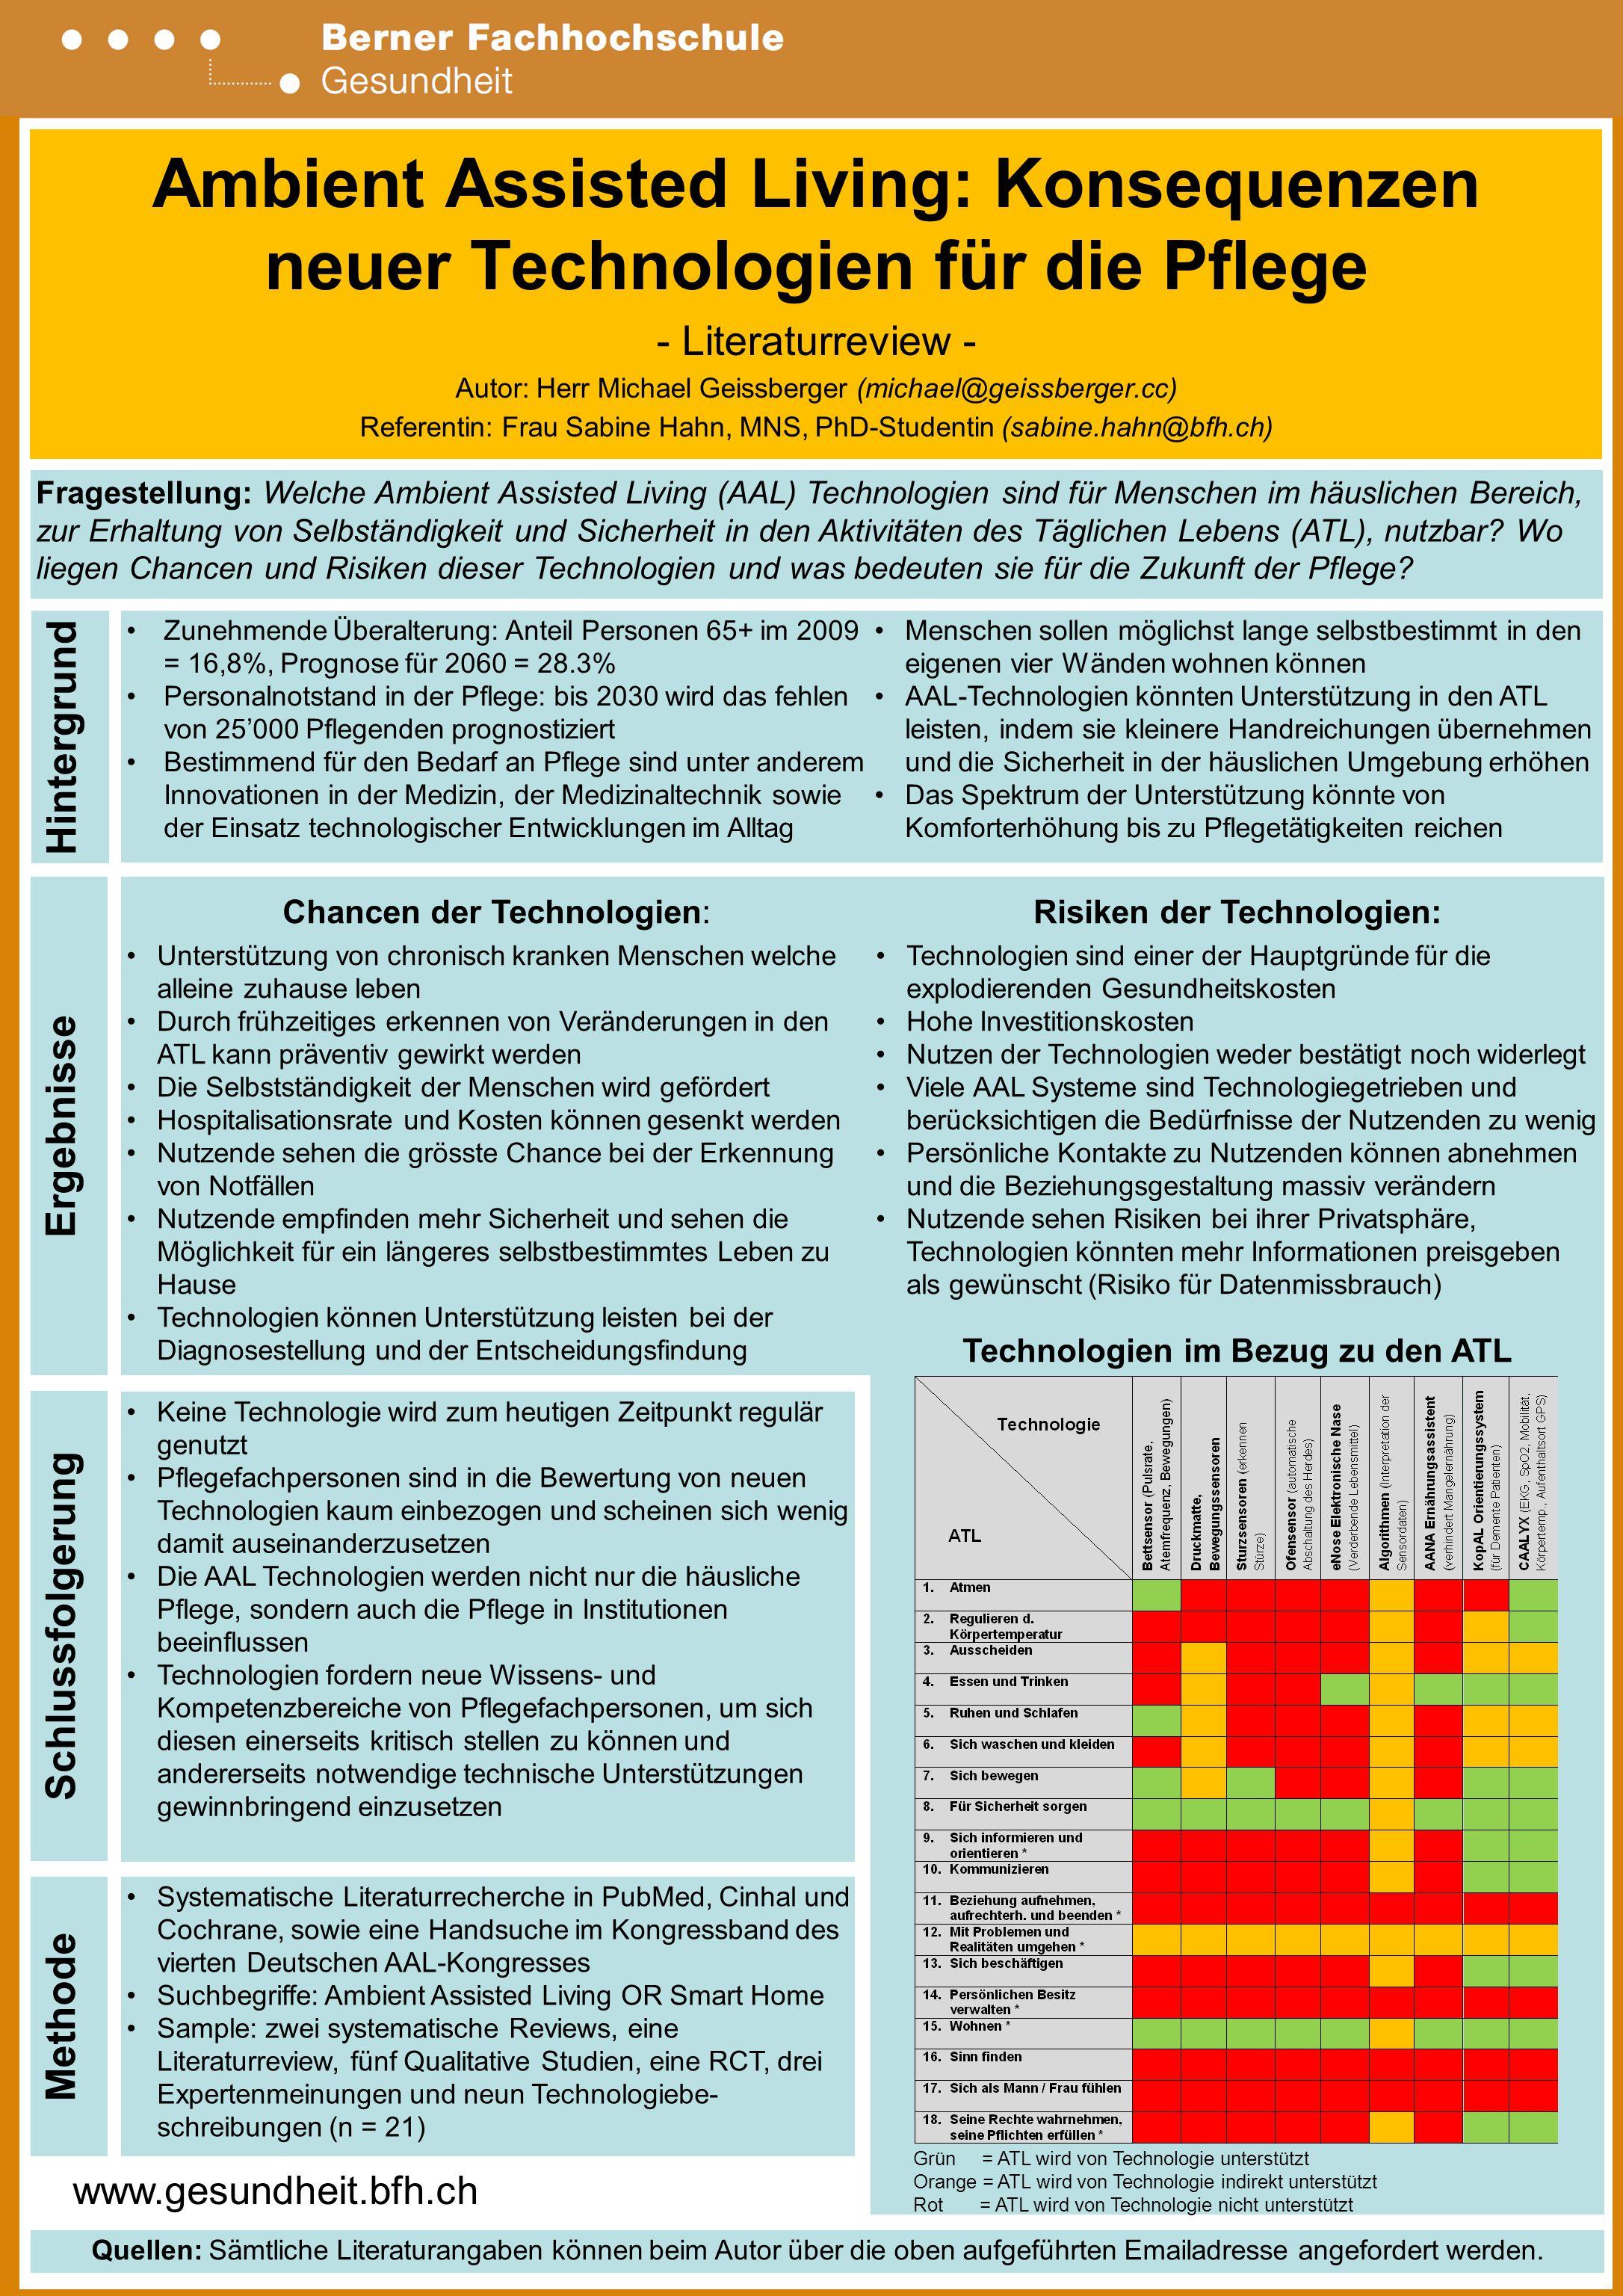 www.gesundheit.bfh.ch Ambient Assisted Living: Konsequenzen neuer Technologien für die Pflege - Literaturreview - Autor: Herr Michael Geissberger (michael@geissberger.cc) Referentin: Frau Sabine Hahn, MNS, PhD-Studentin (sabine.hahn@bfh.ch) Hintergrund Ergebnisse Schlussfolgerung Methode Zunehmende Überalterung: Anteil Personen 65+ im 2009 = 16,8%, Prognose für 2060 = 28.3% Personalnotstand in der Pflege: bis 2030 wird das fehlen von 25'000 Pflegenden prognostiziert Bestimmend für den Bedarf an Pflege sind unter anderem Innovationen in der Medizin, der Medizinaltechnik sowie der Einsatz technologischer Entwicklungen im Alltag Fragestellung: Welche Ambient Assisted Living (AAL) Technologien sind für Menschen im häuslichen Bereich, zur Erhaltung von Selbständigkeit und Sicherheit in den Aktivitäten des Täglichen Lebens (ATL), nutzbar.